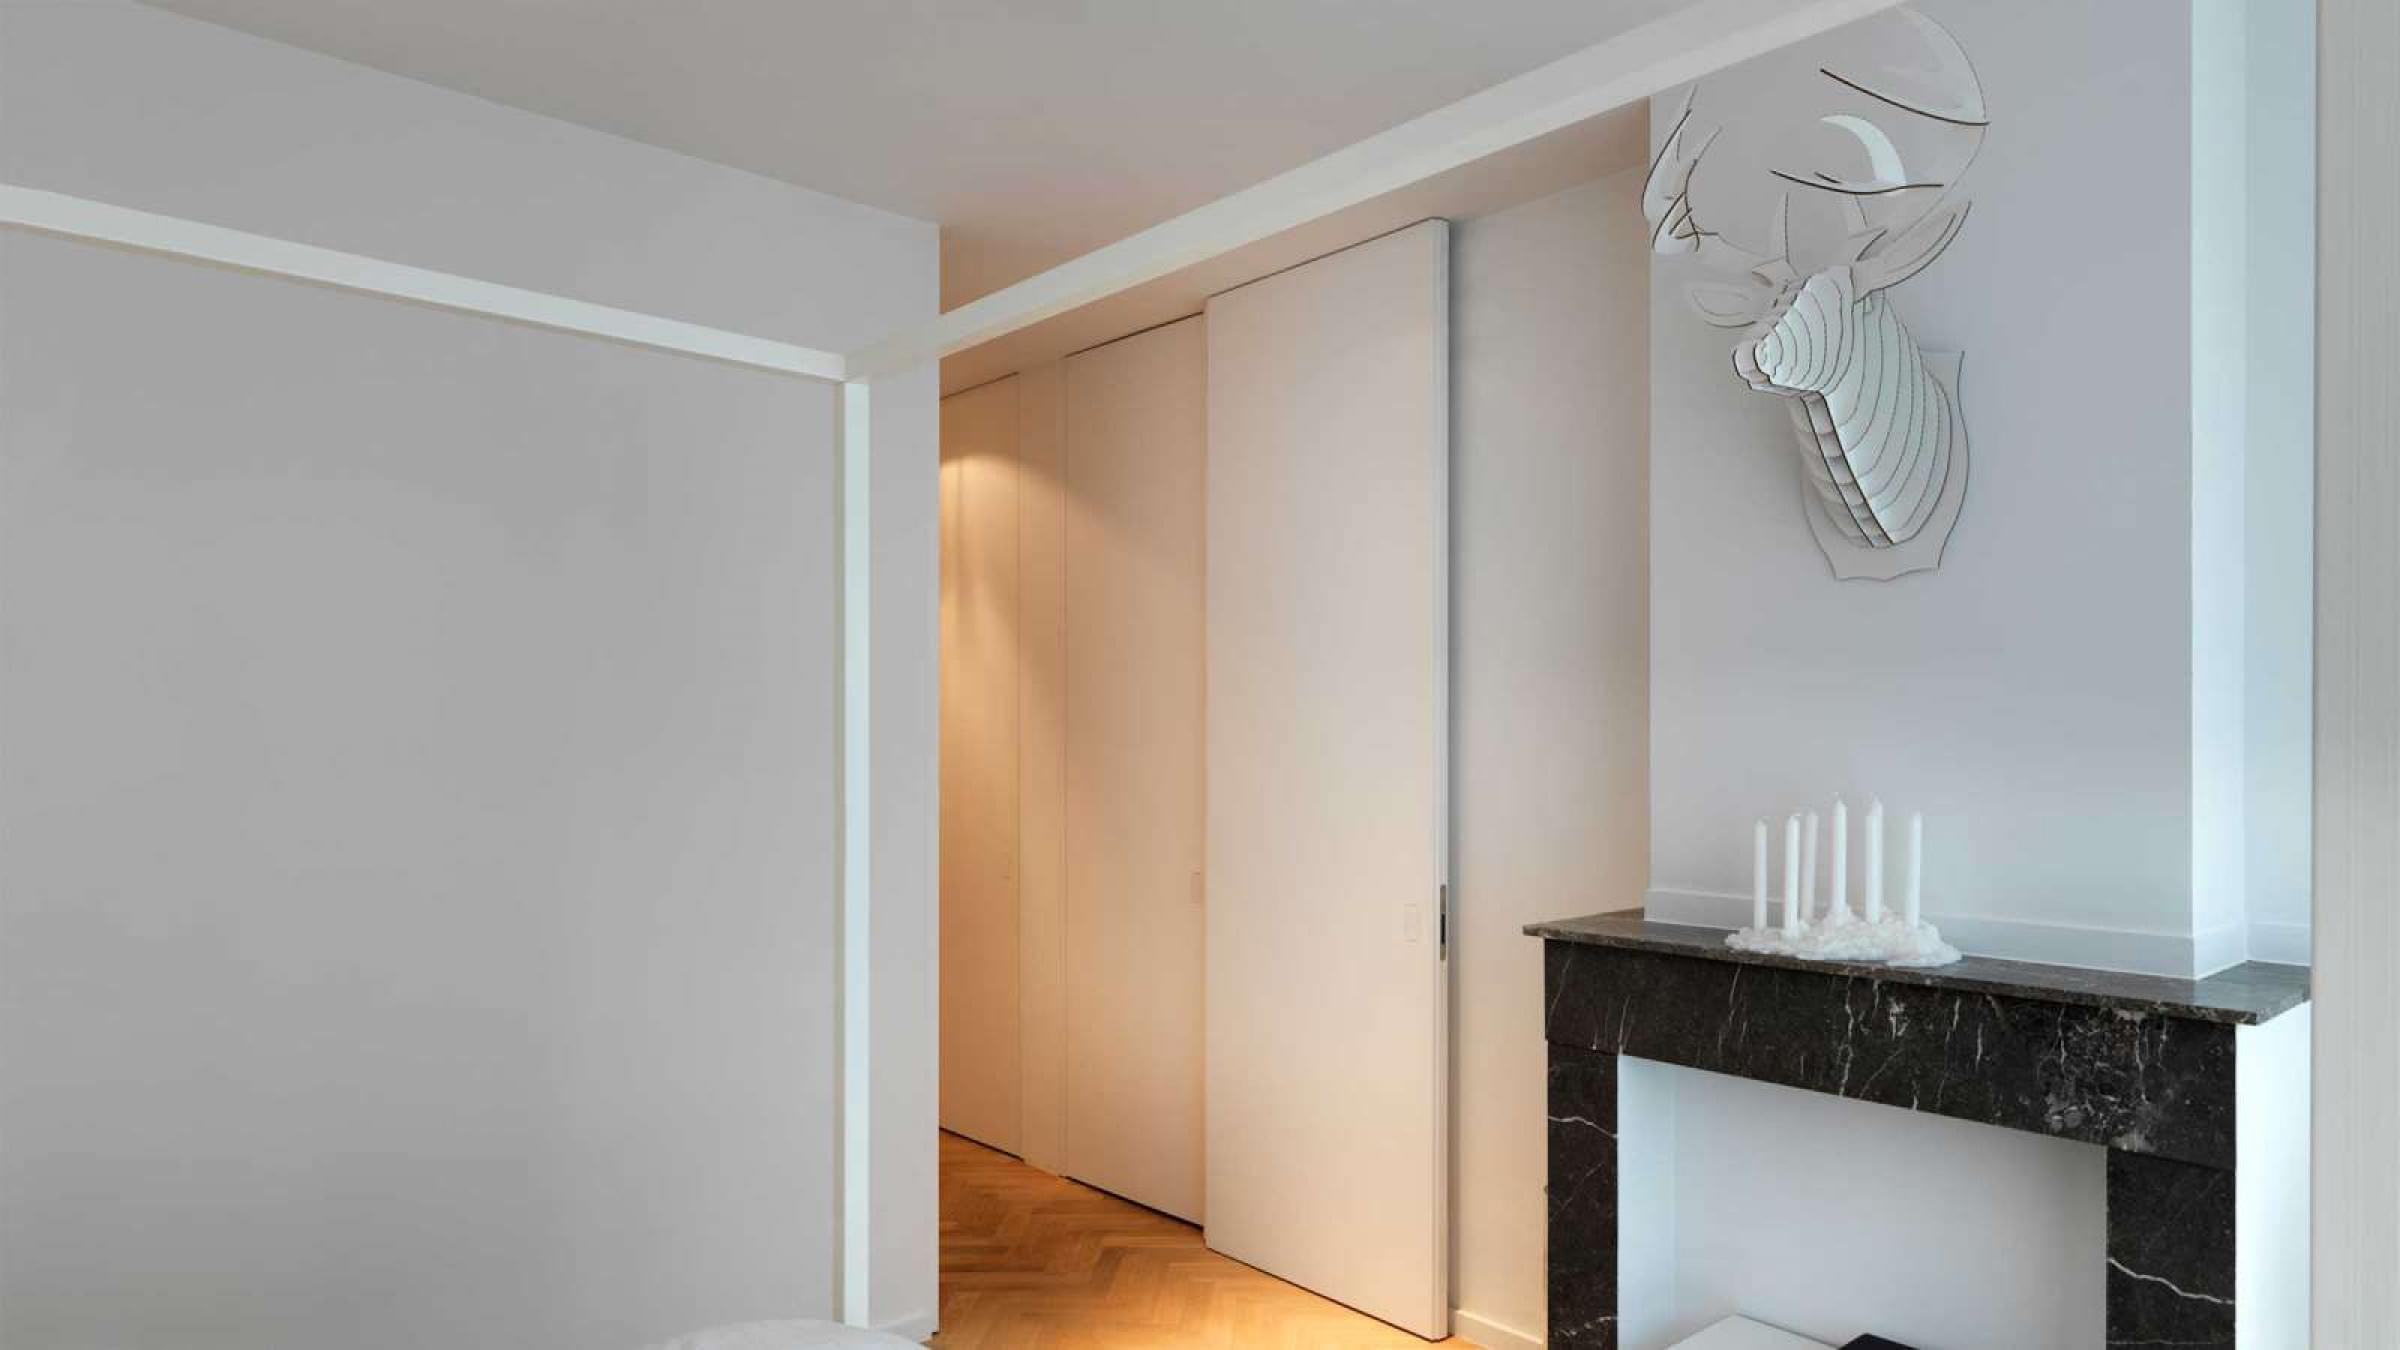 nordex-hoge-deuren-doorlopend-2400